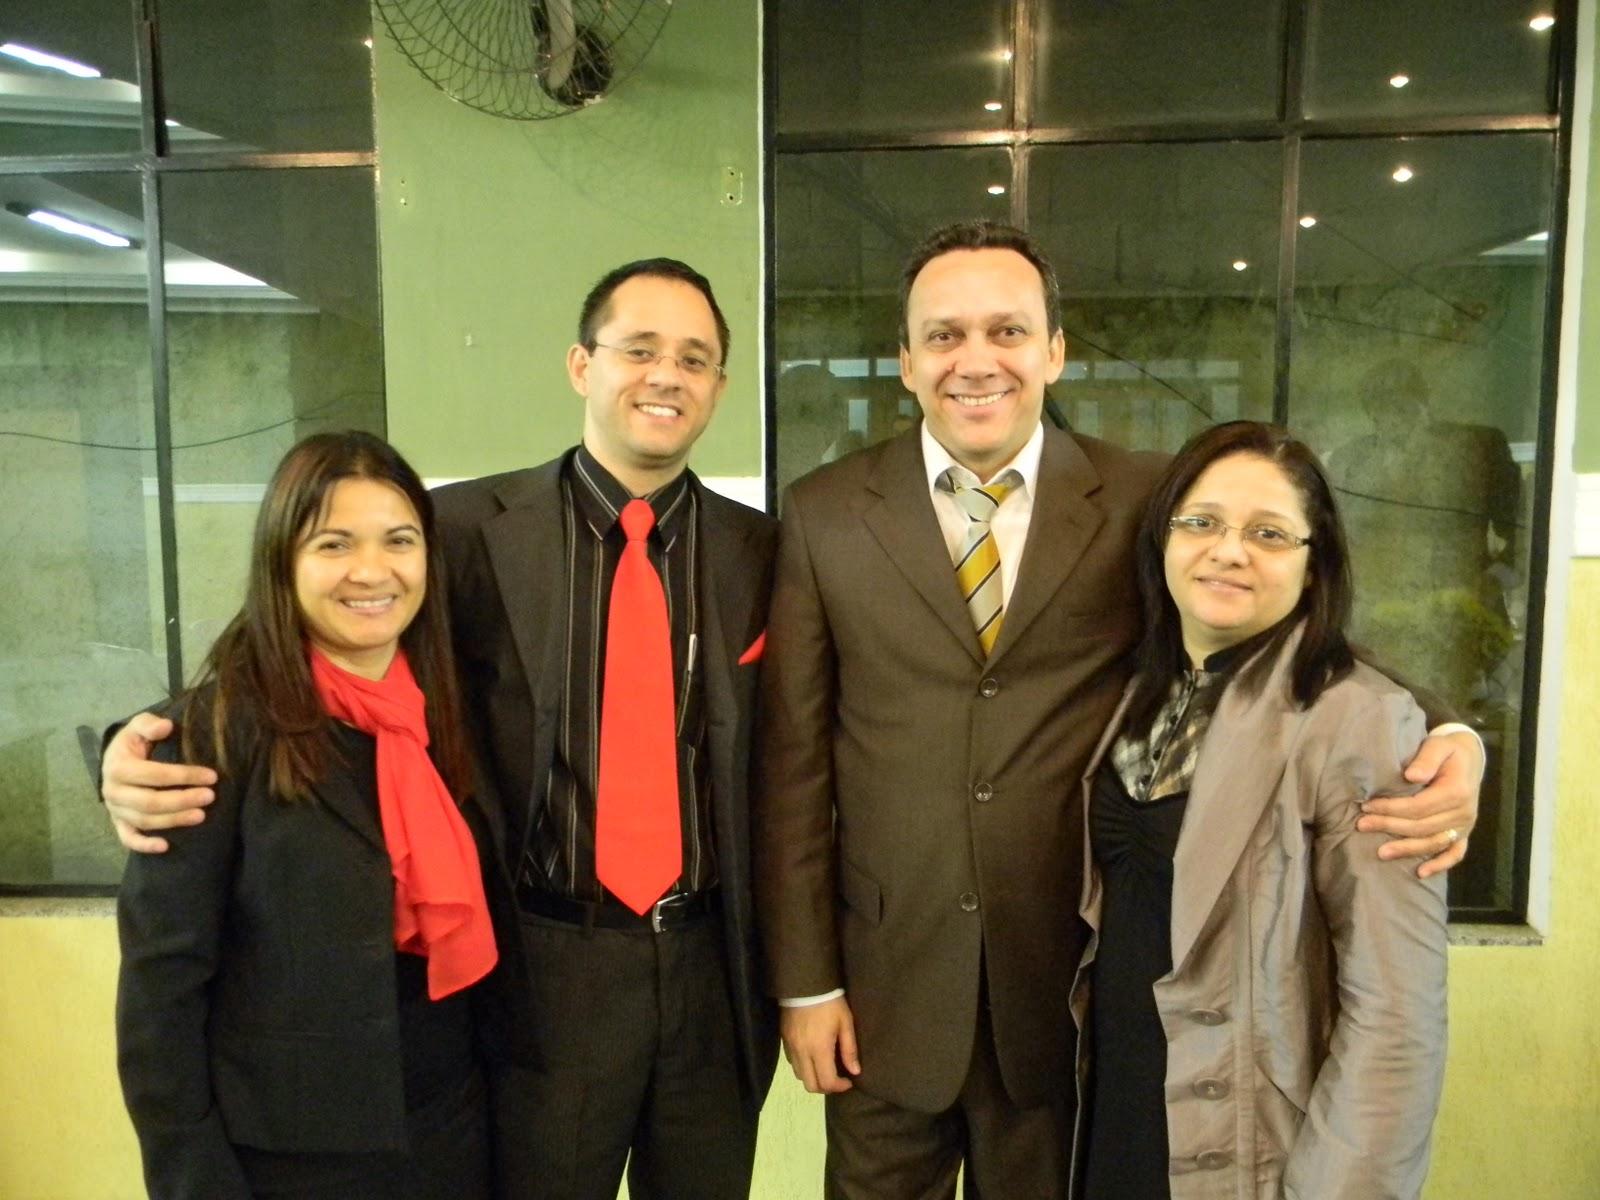 Ele com sua esposa irmã Lúcia e o Pr. Carvalho Júniro e Esposa #B83813 1600x1200